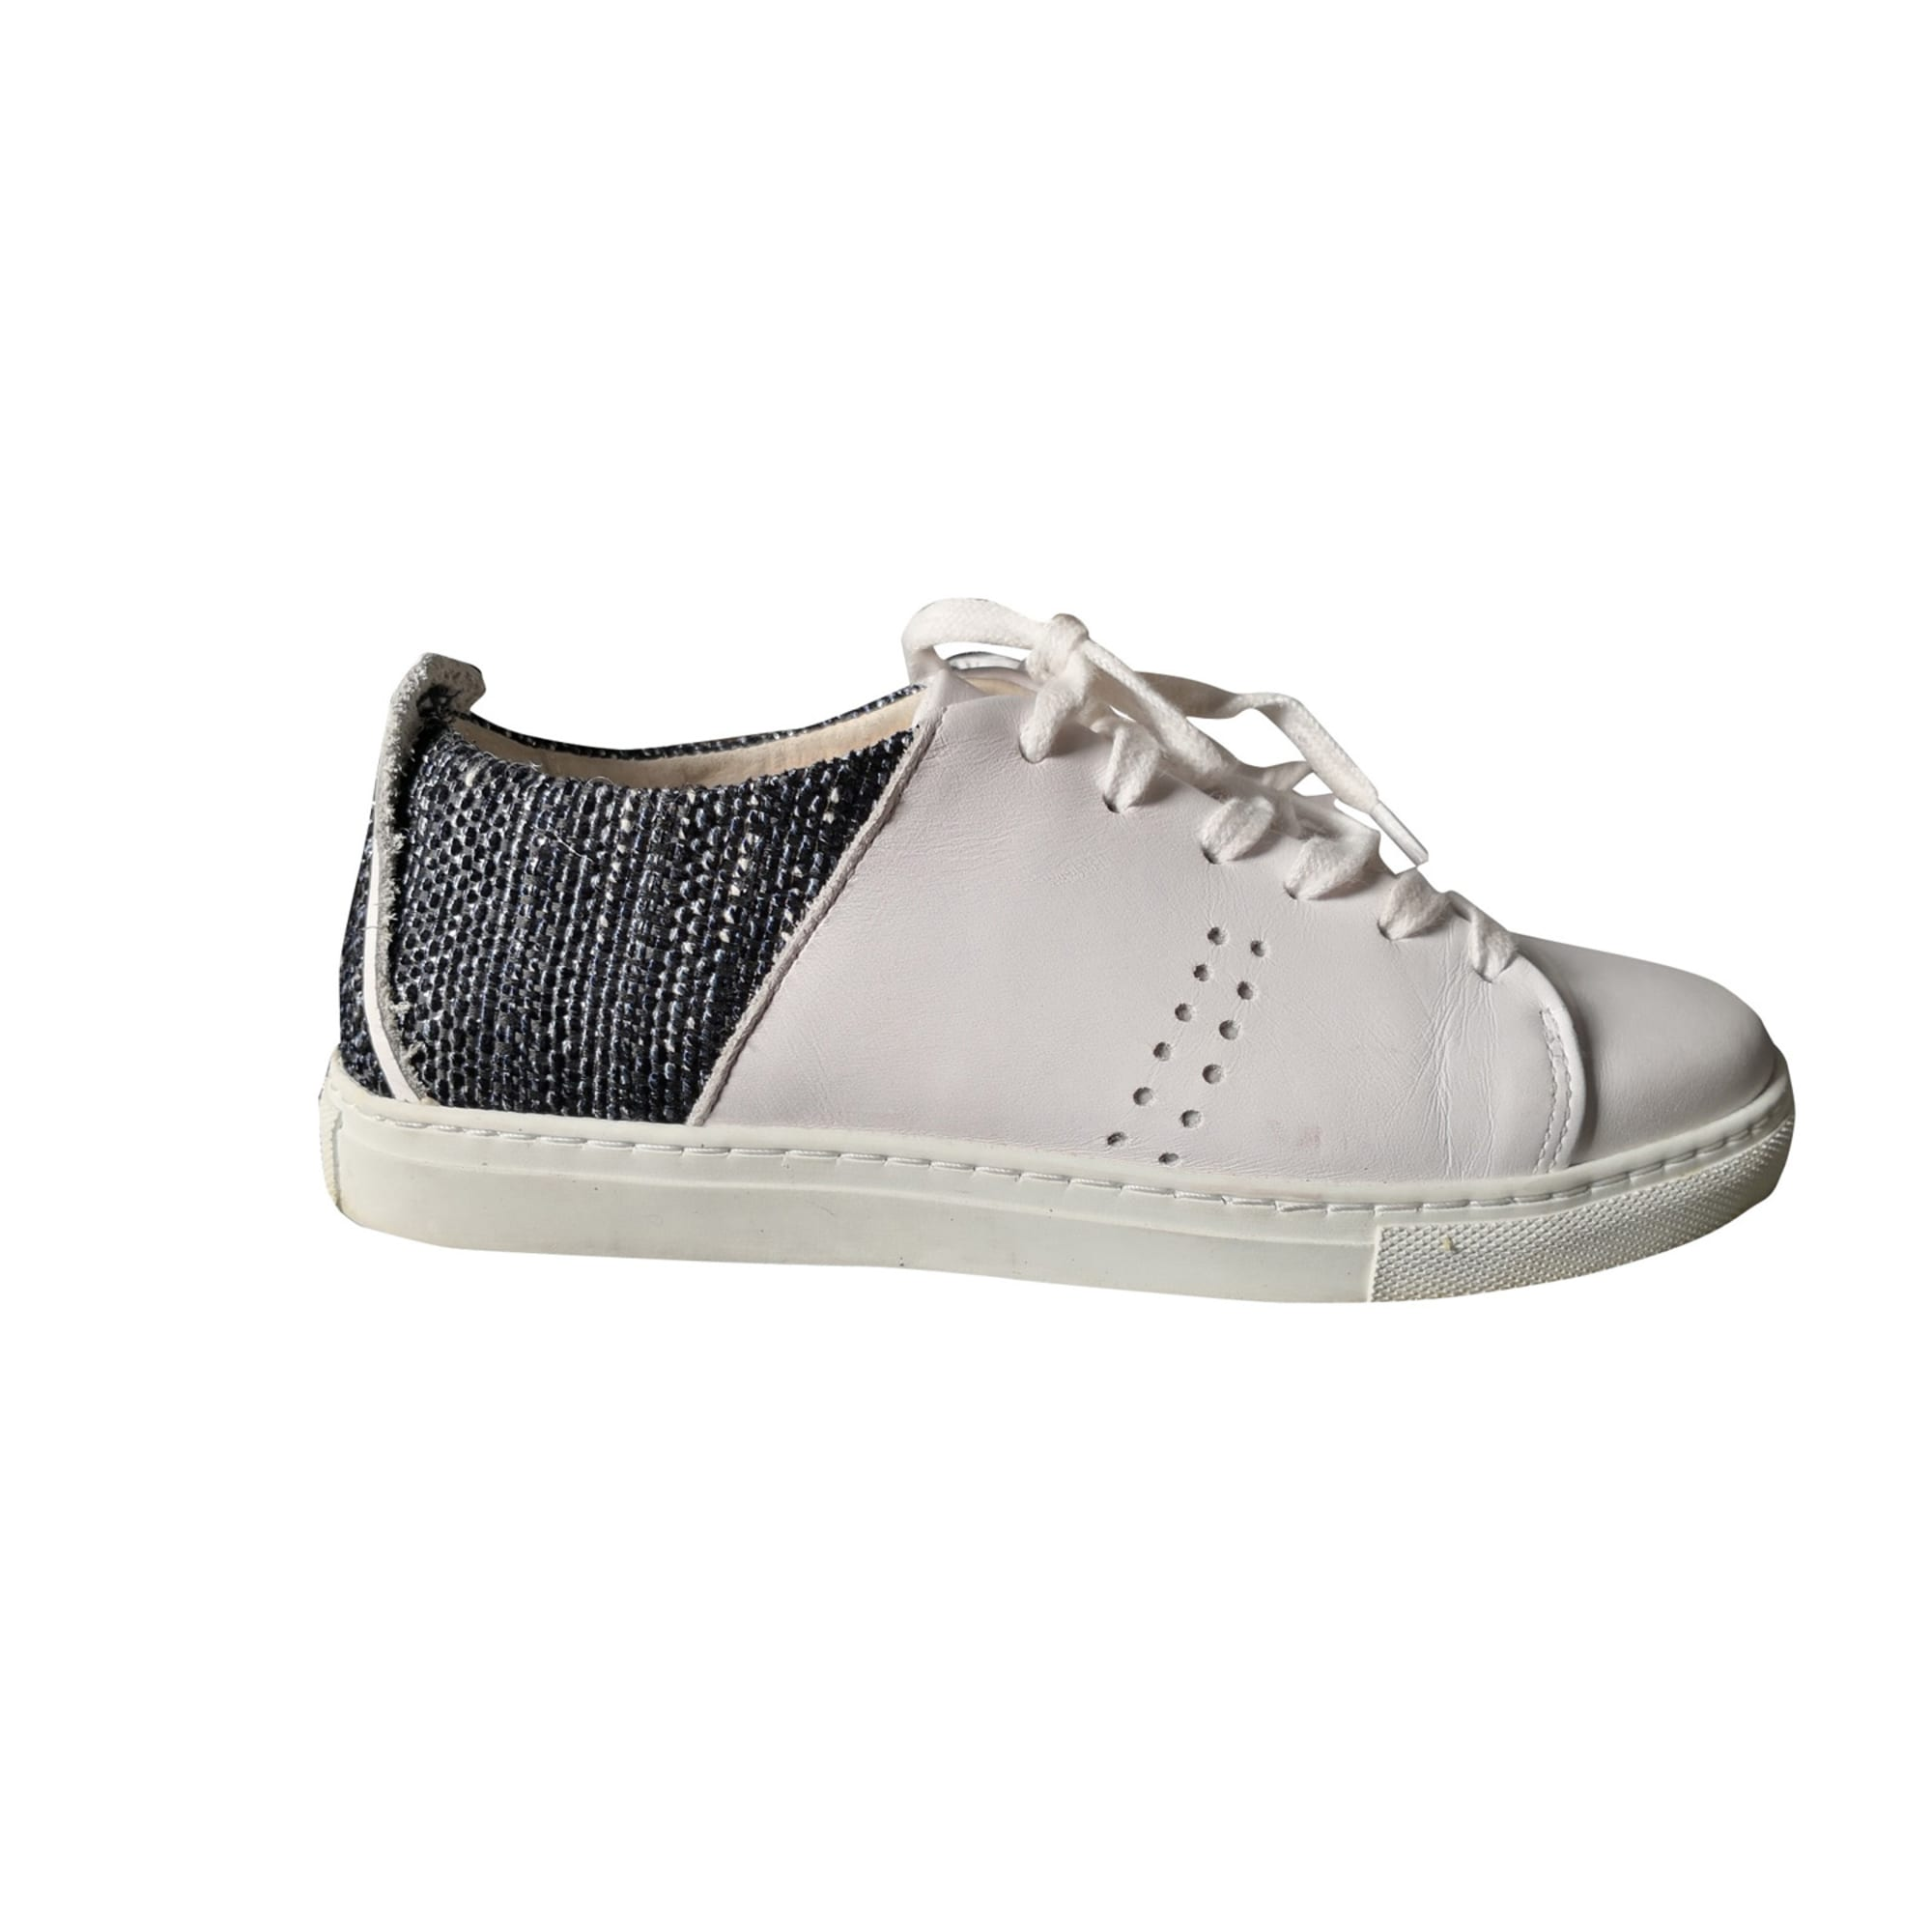 Sneakers MONSIEUR MOUSTACHE White, off-white, ecru